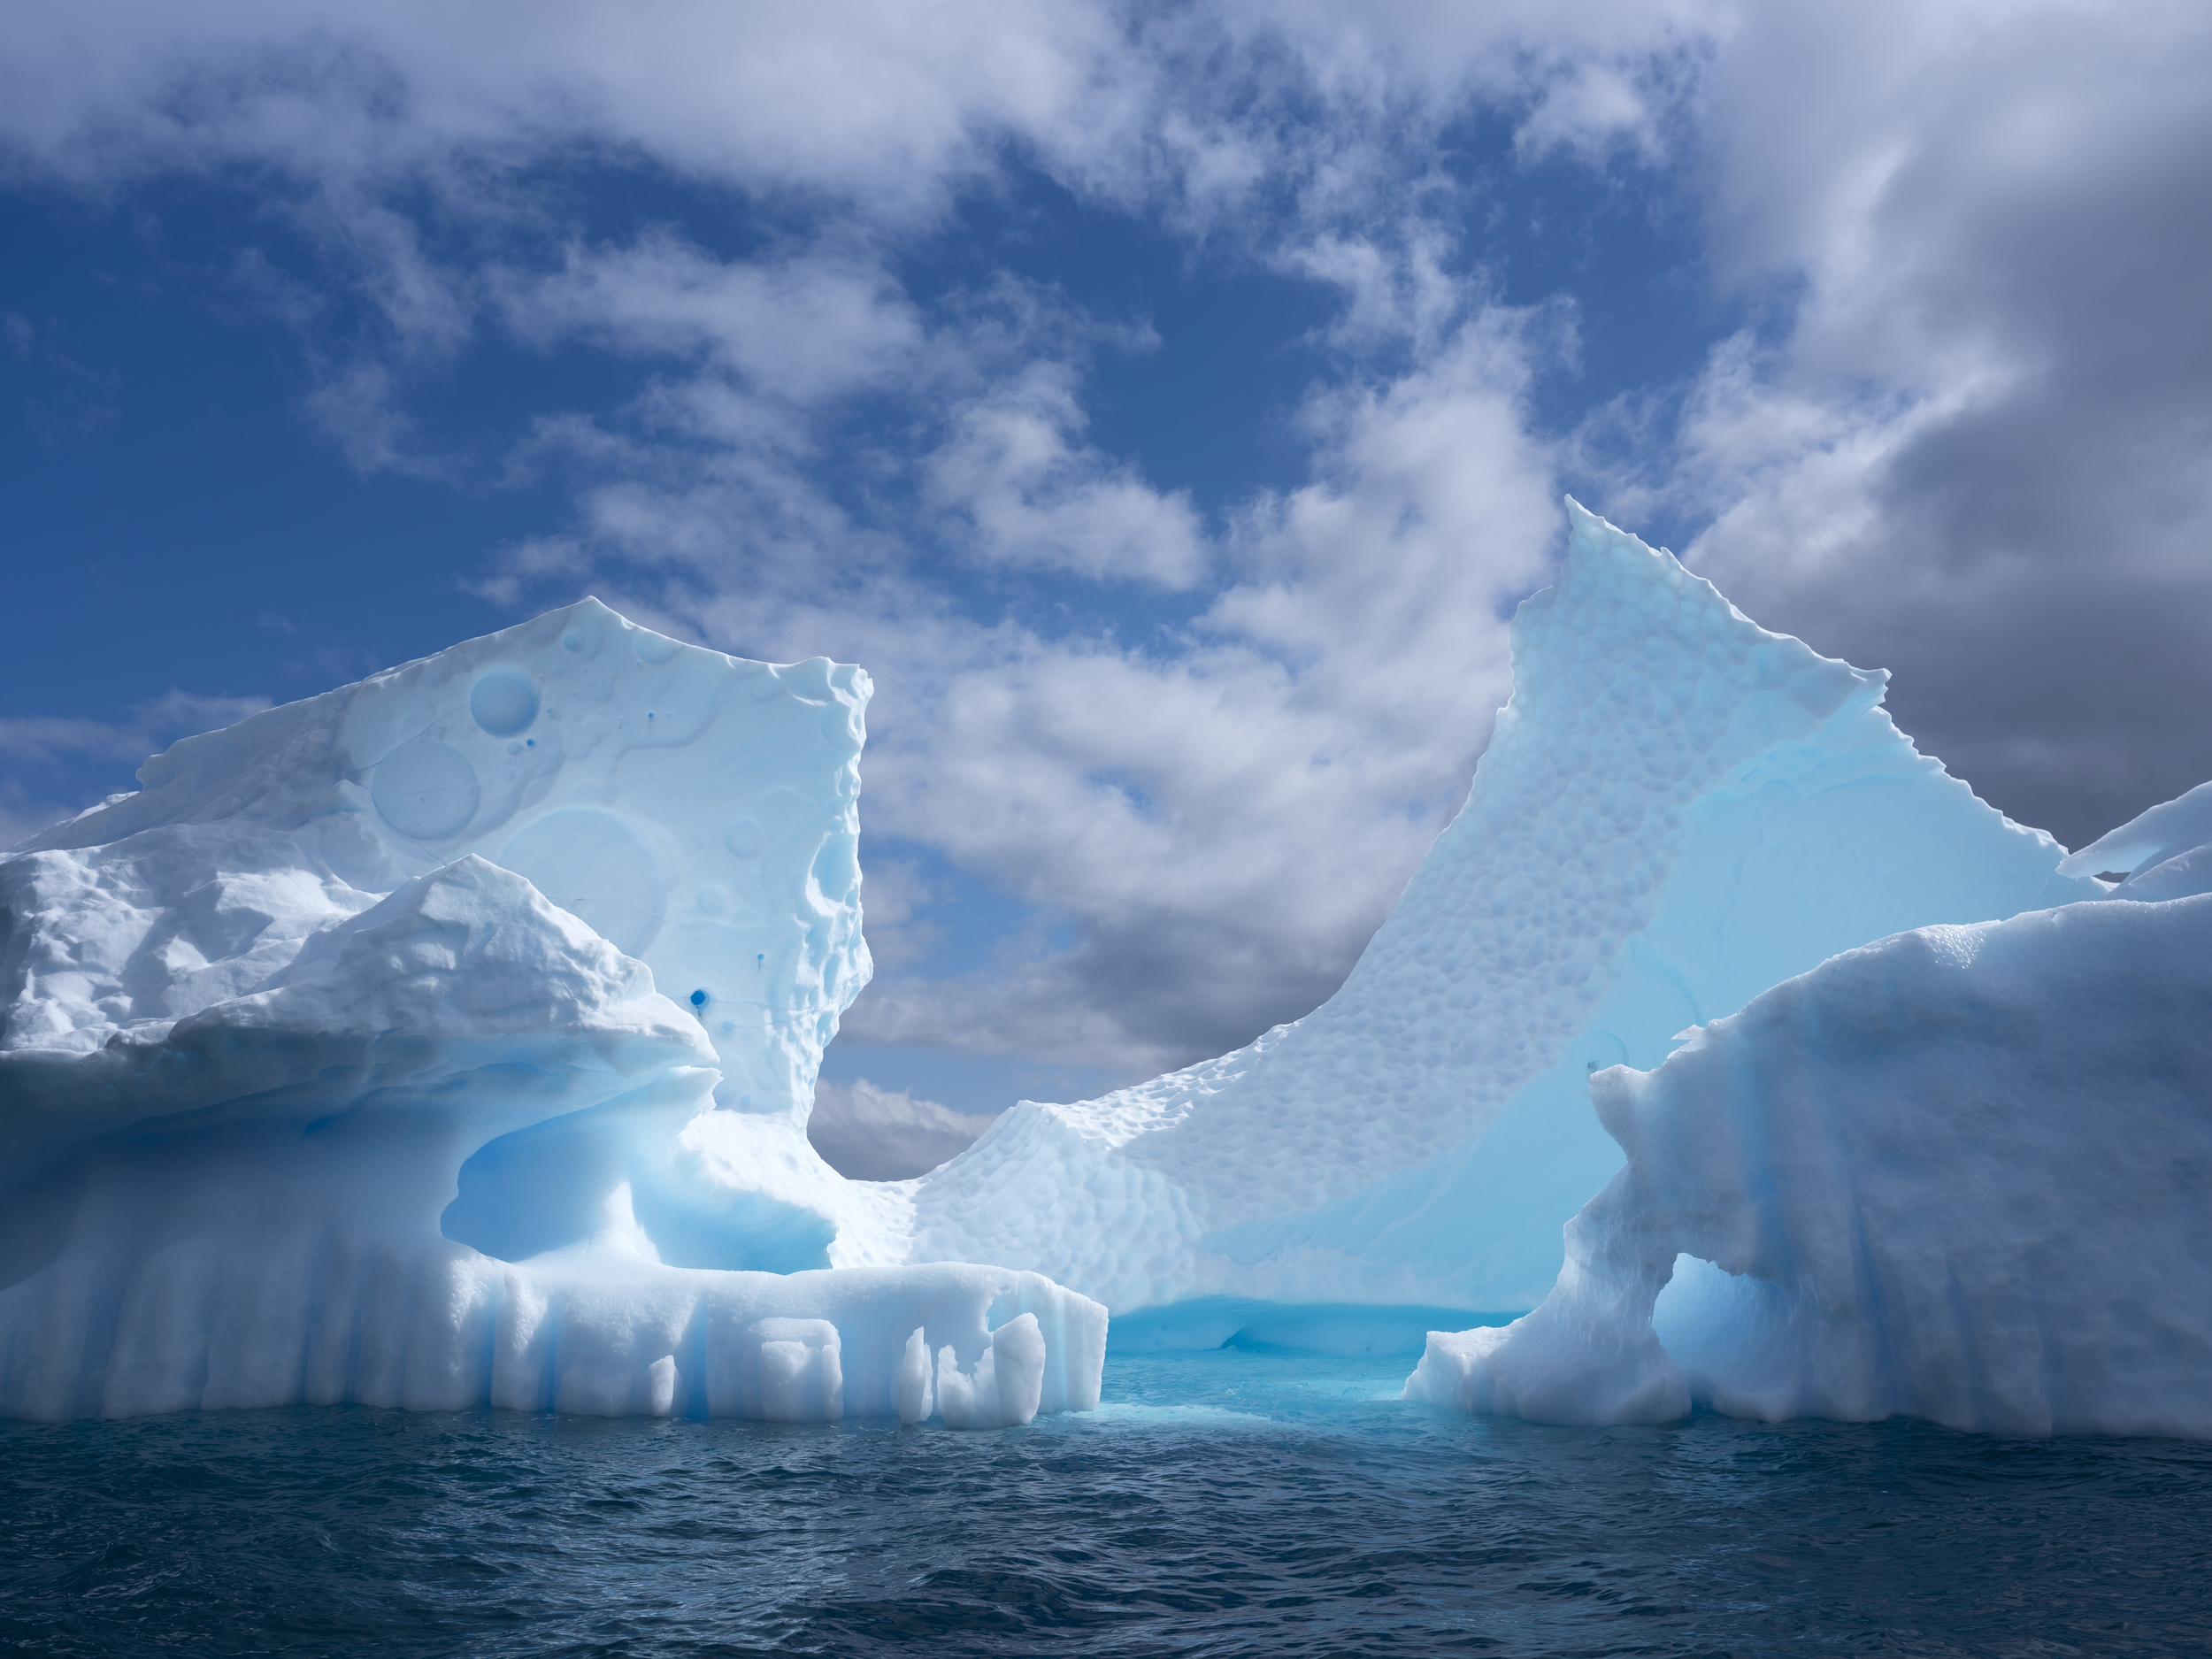 為時近一年的「守護海洋之旅」進入尾聲,2020年2月綠色和平船艦來到最終站南極,於天堂港紀錄美麗危脆的冰山風光,震懾於極地美景同時,也見證了全球暖化正對當地造成影響。